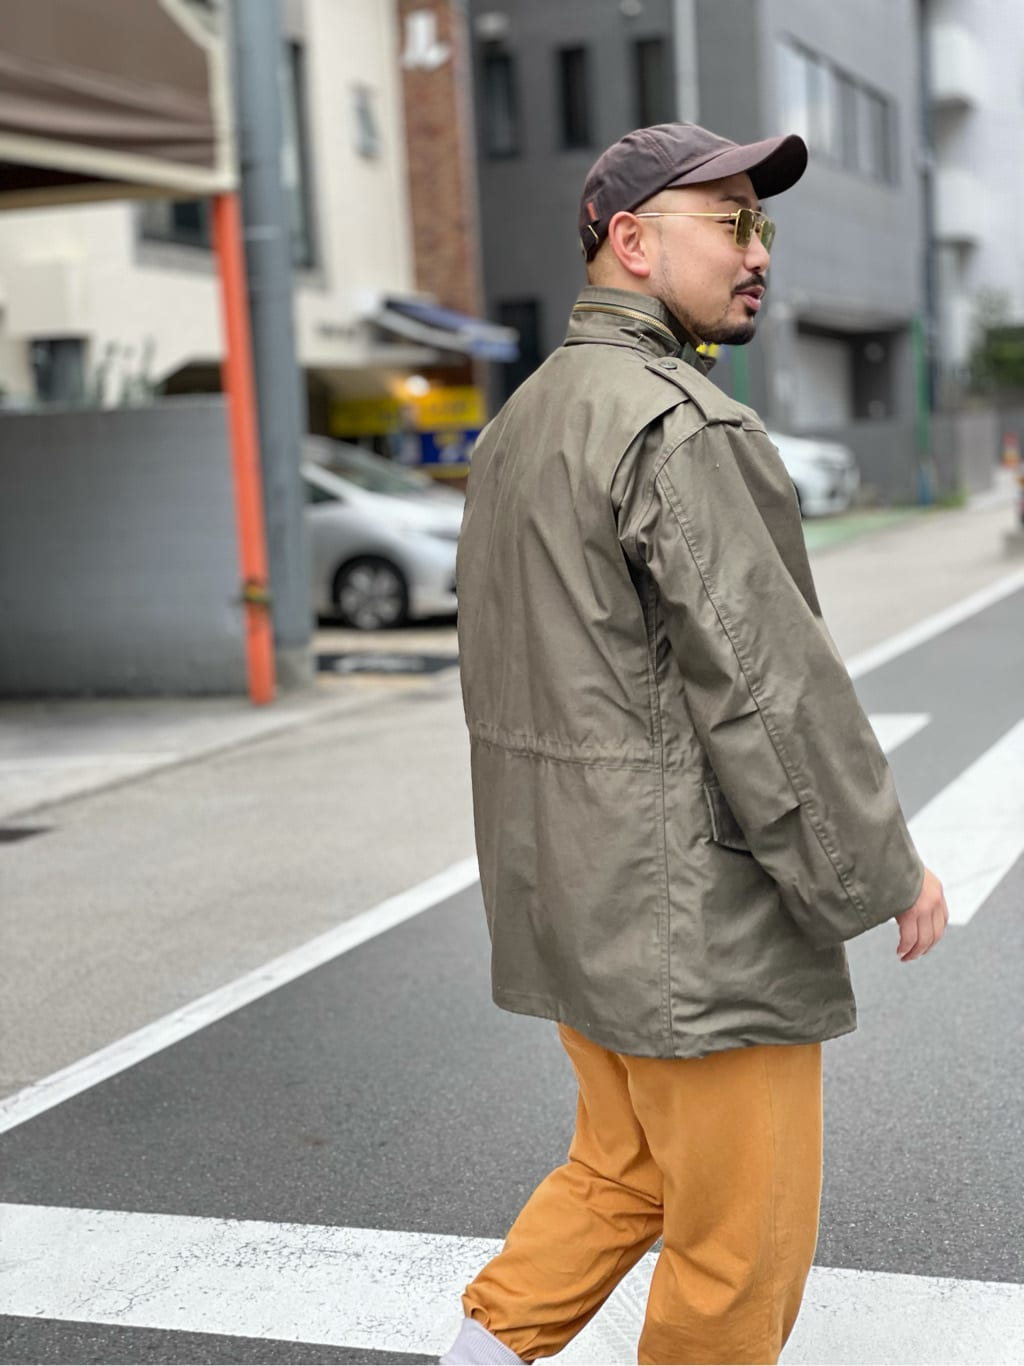 ALPHA SHOP渋谷店のKataoka.RさんのALPHAの【試着対象】【期間限定10%OFF】M-65 NYCO フィールドジャケットを使ったコーディネート